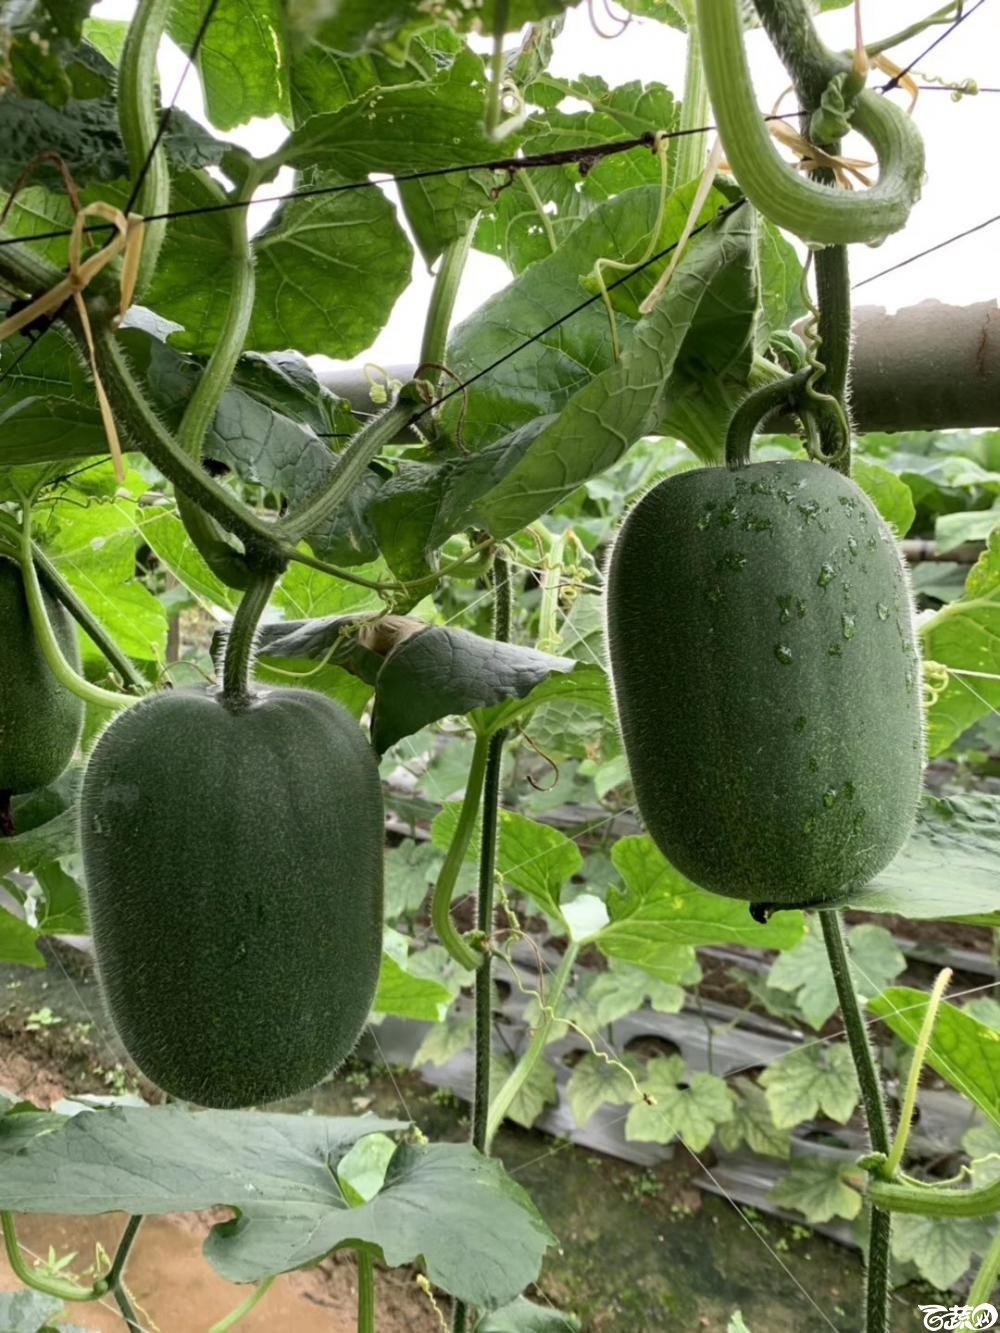 第十七届广州市蔬菜新品种展示推广会,广州亚蔬种苗公司宝贝小节瓜IMG 6809.JPG